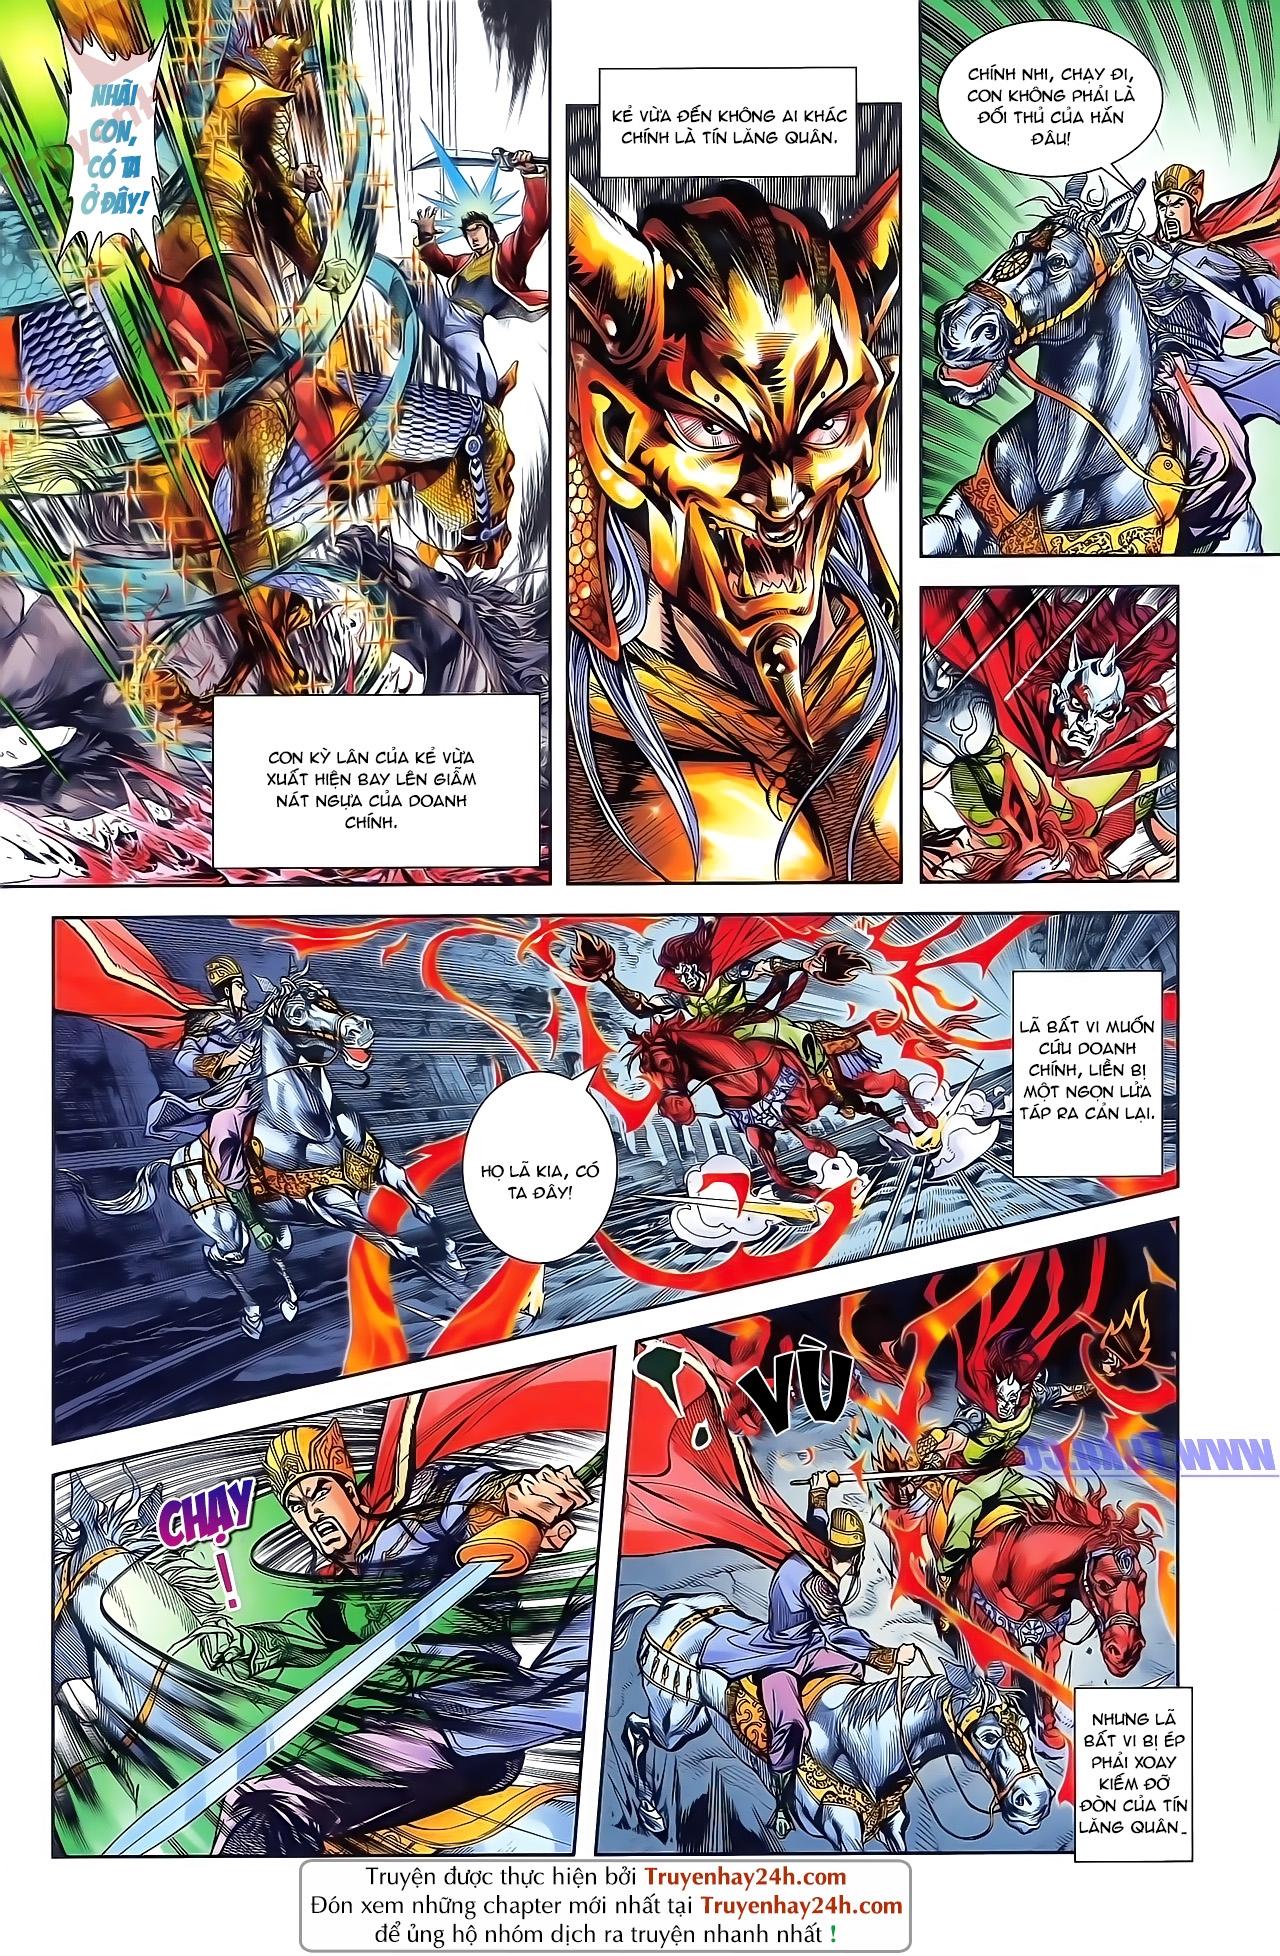 Tần Vương Doanh Chính chapter 49 trang 2